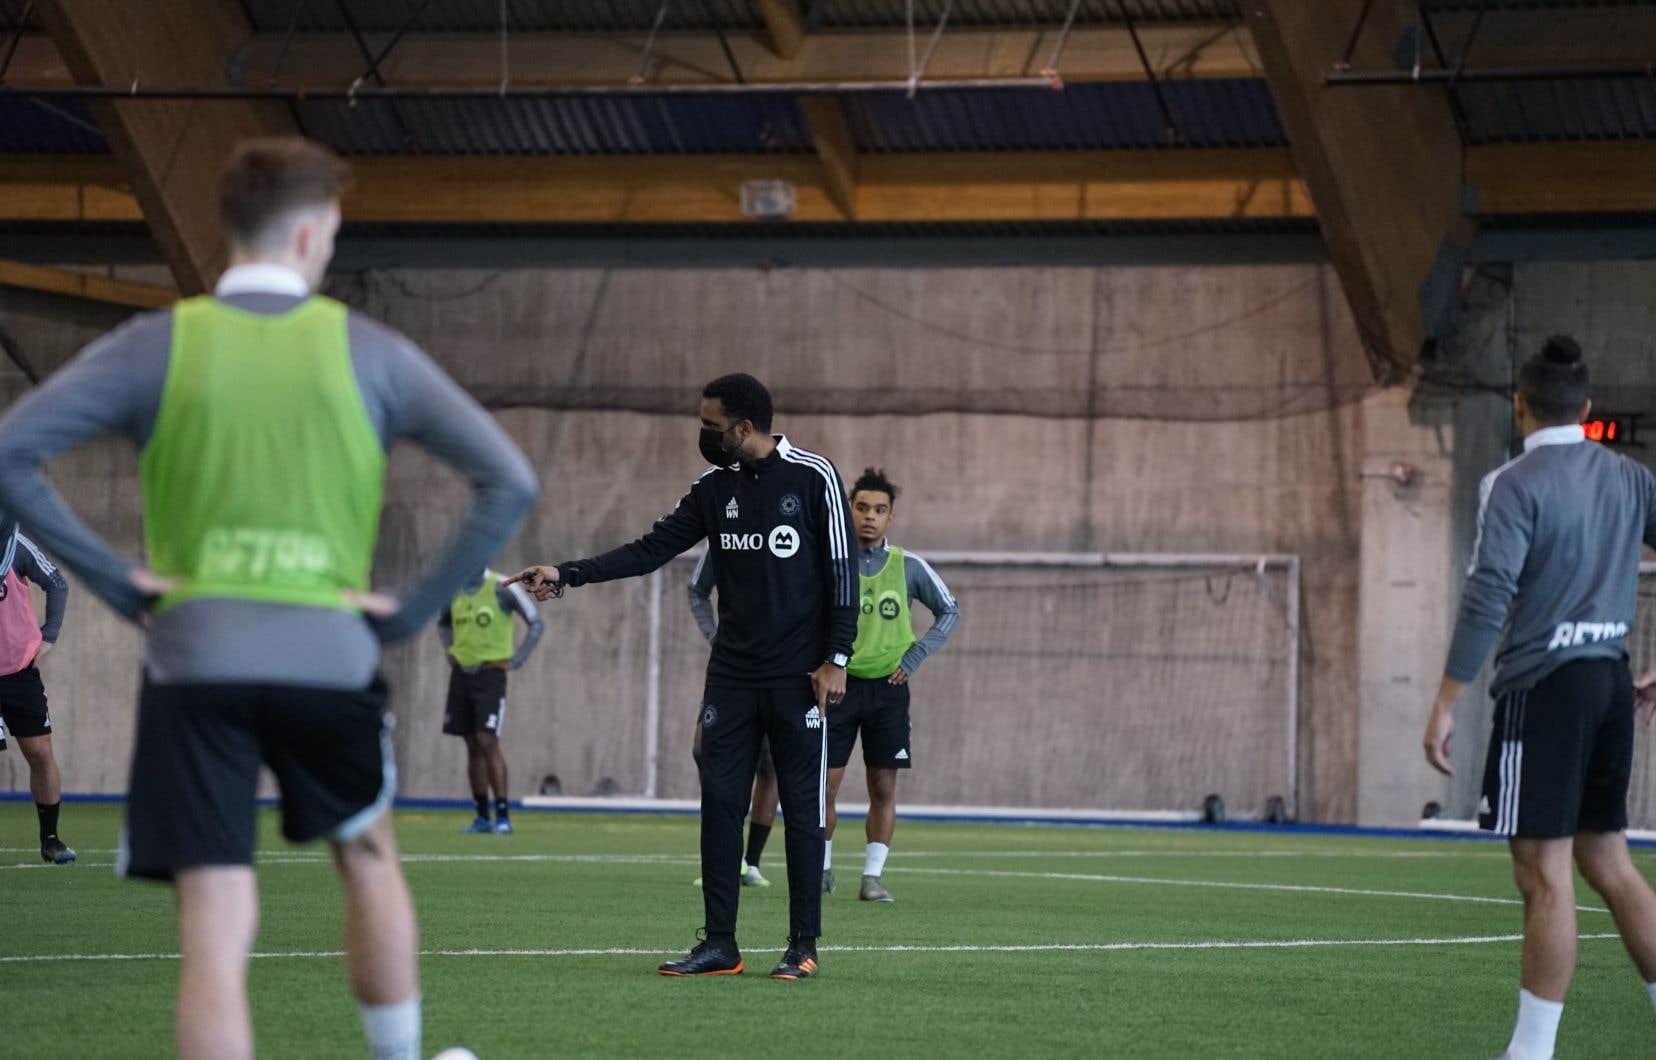 Une vingtaine de joueurs ont pris part à la deuxième journée du camp d'entraînement du CF Montréal, mardi, au Complexe Marie-Victorin. Au centre, l'entraîneur-chef par intérim, Wilfried Nancy.